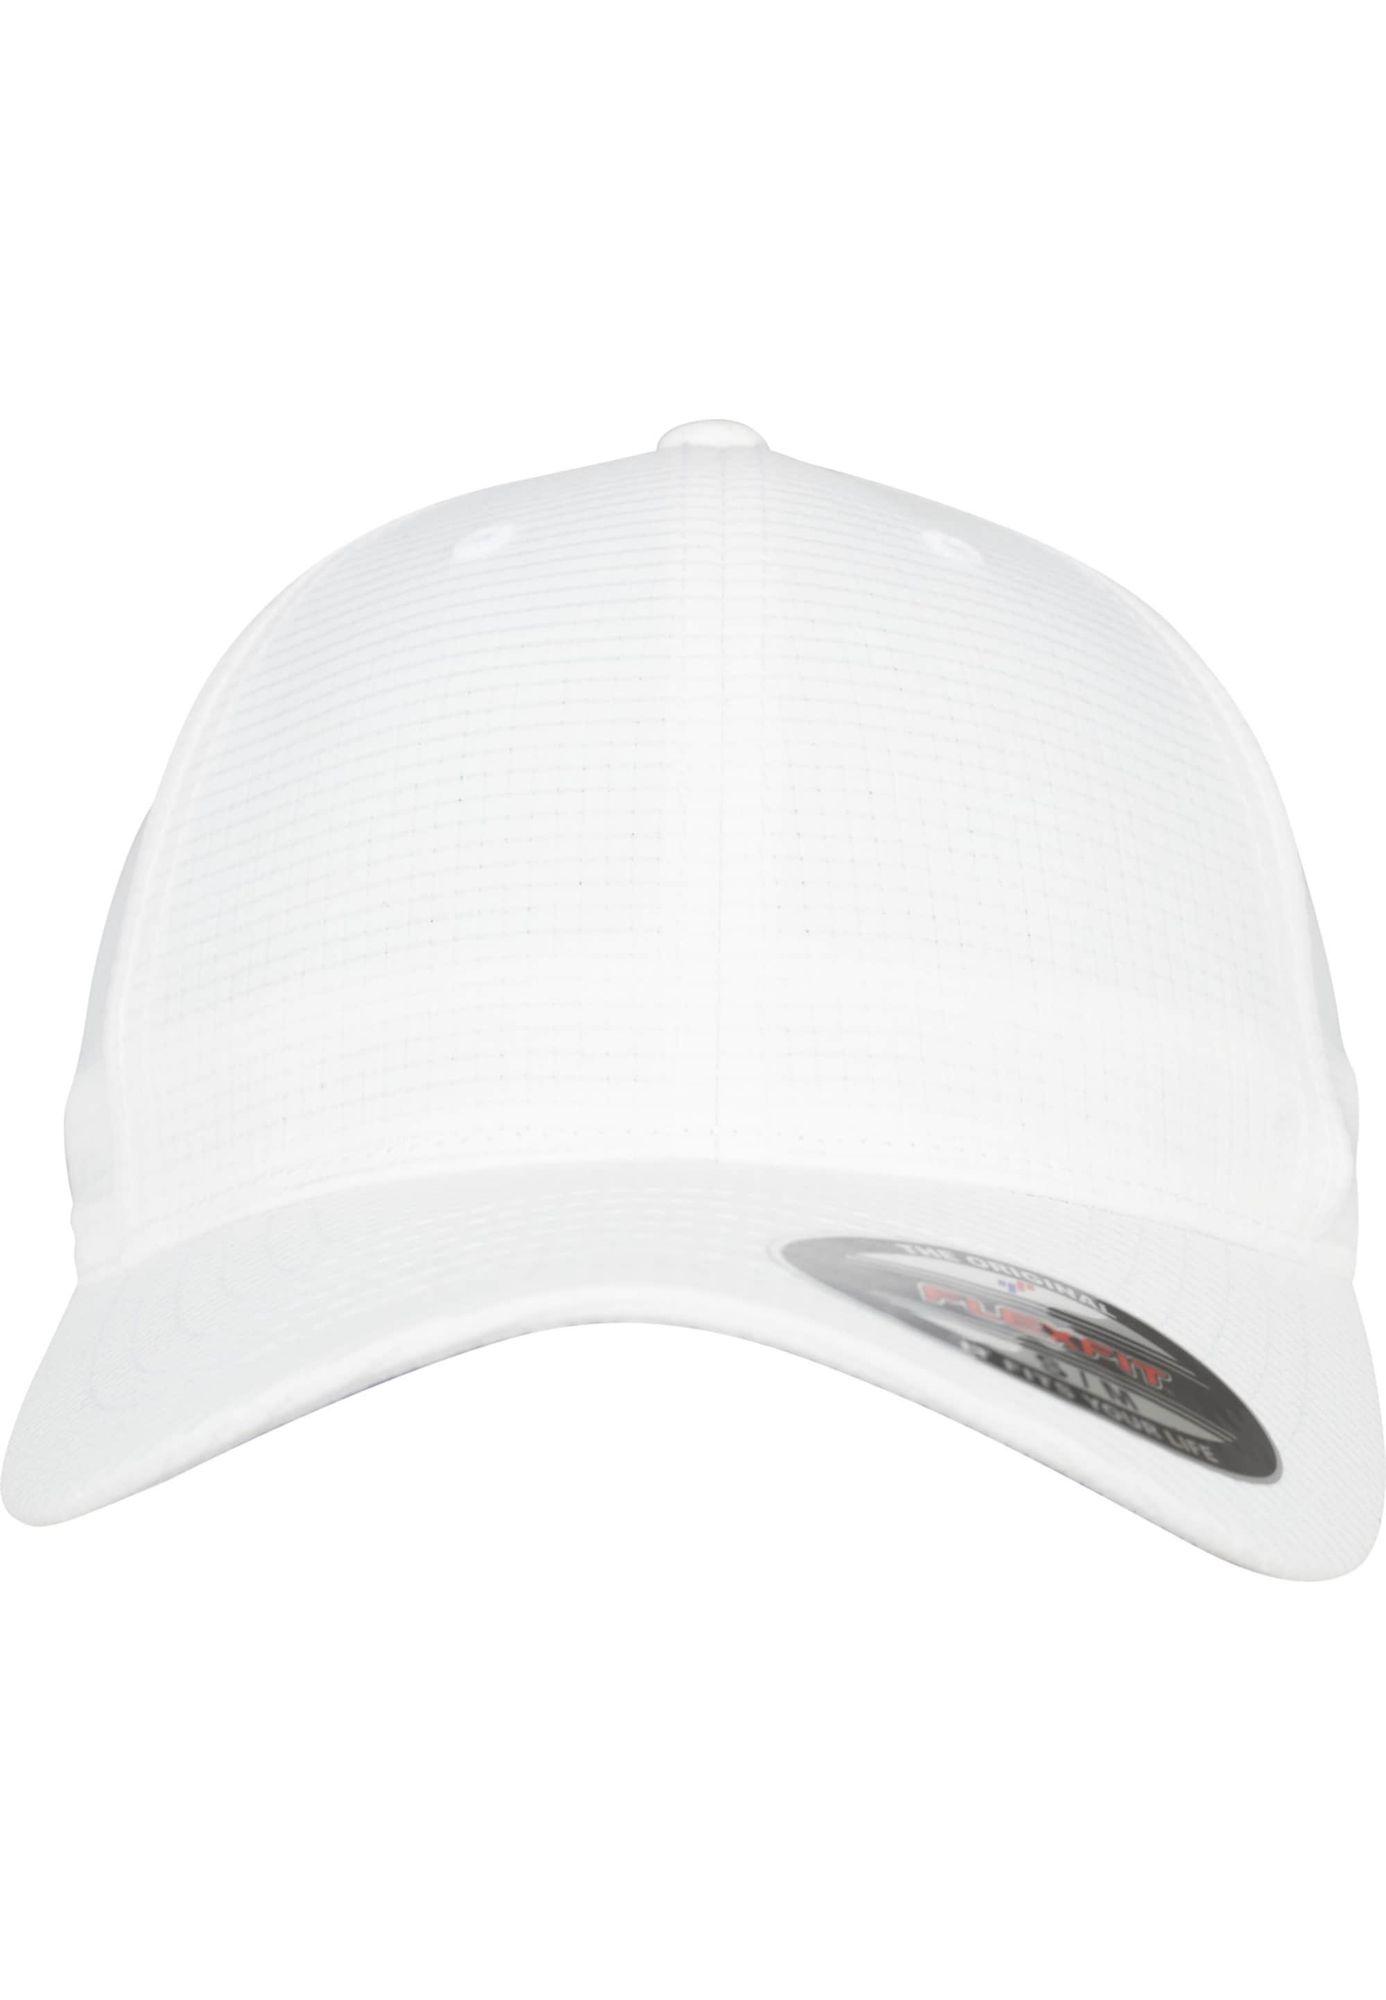 Hydro-Grid Stretch Cap